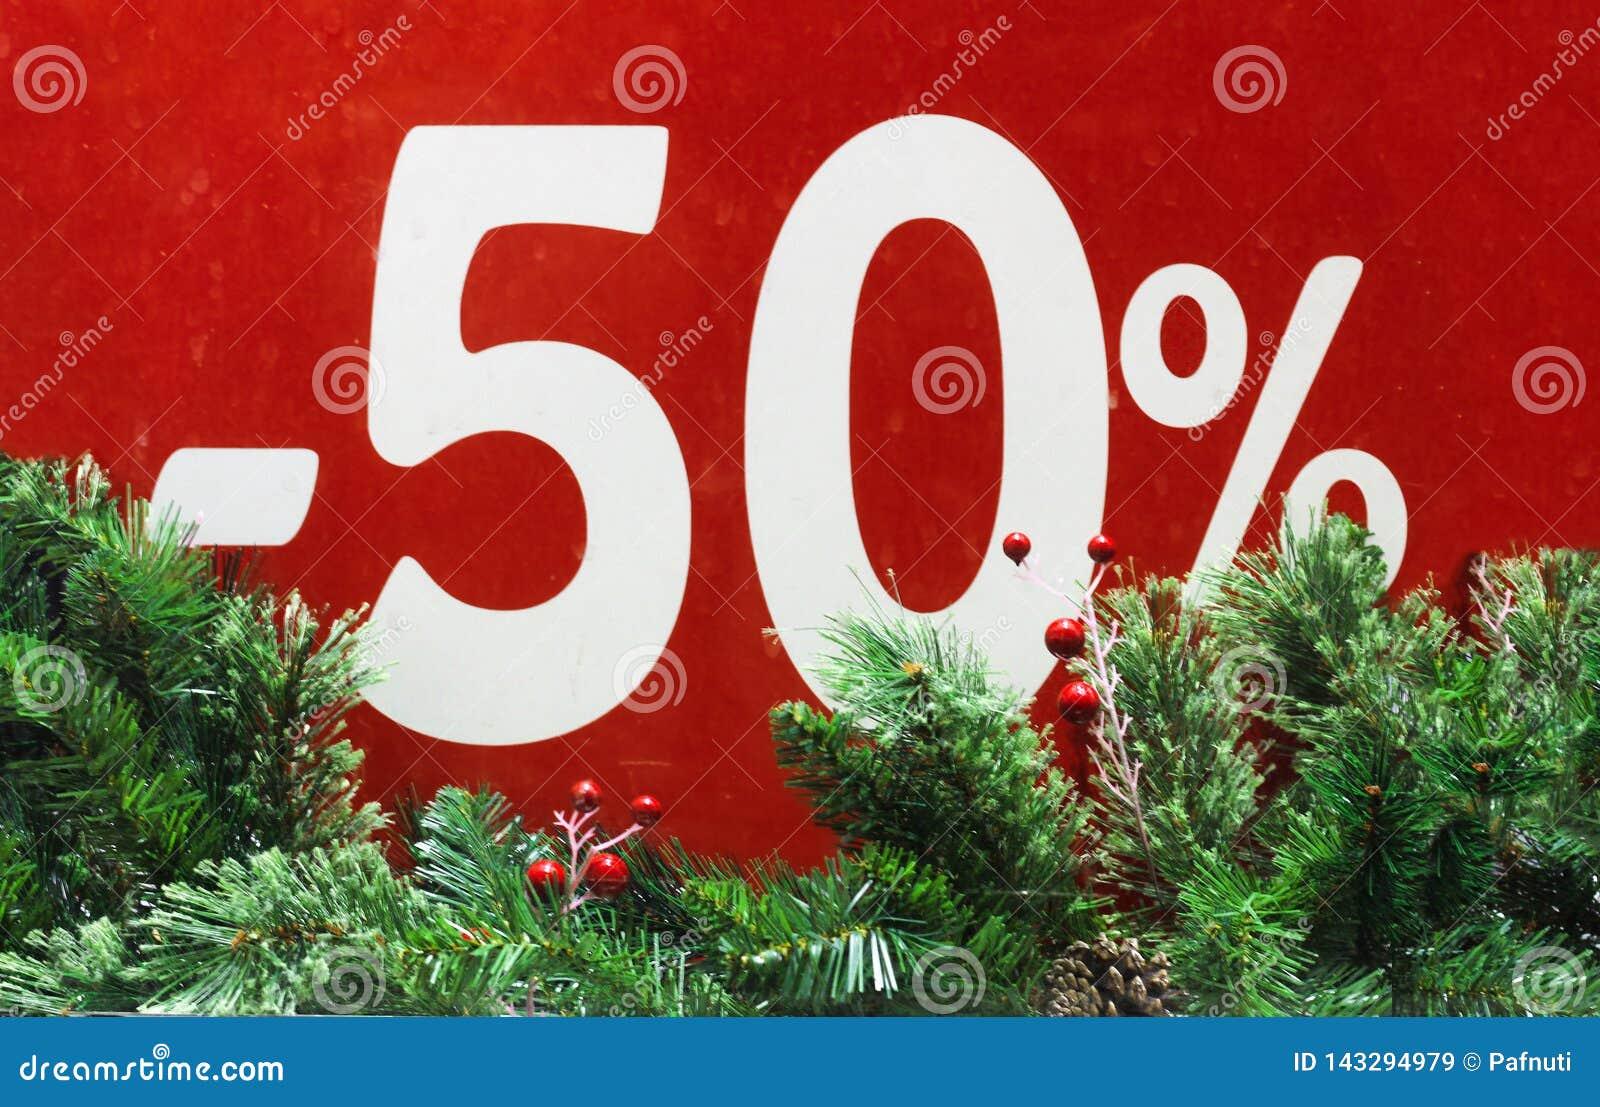 Vendita di inverno 50 per cento Fondo rosso